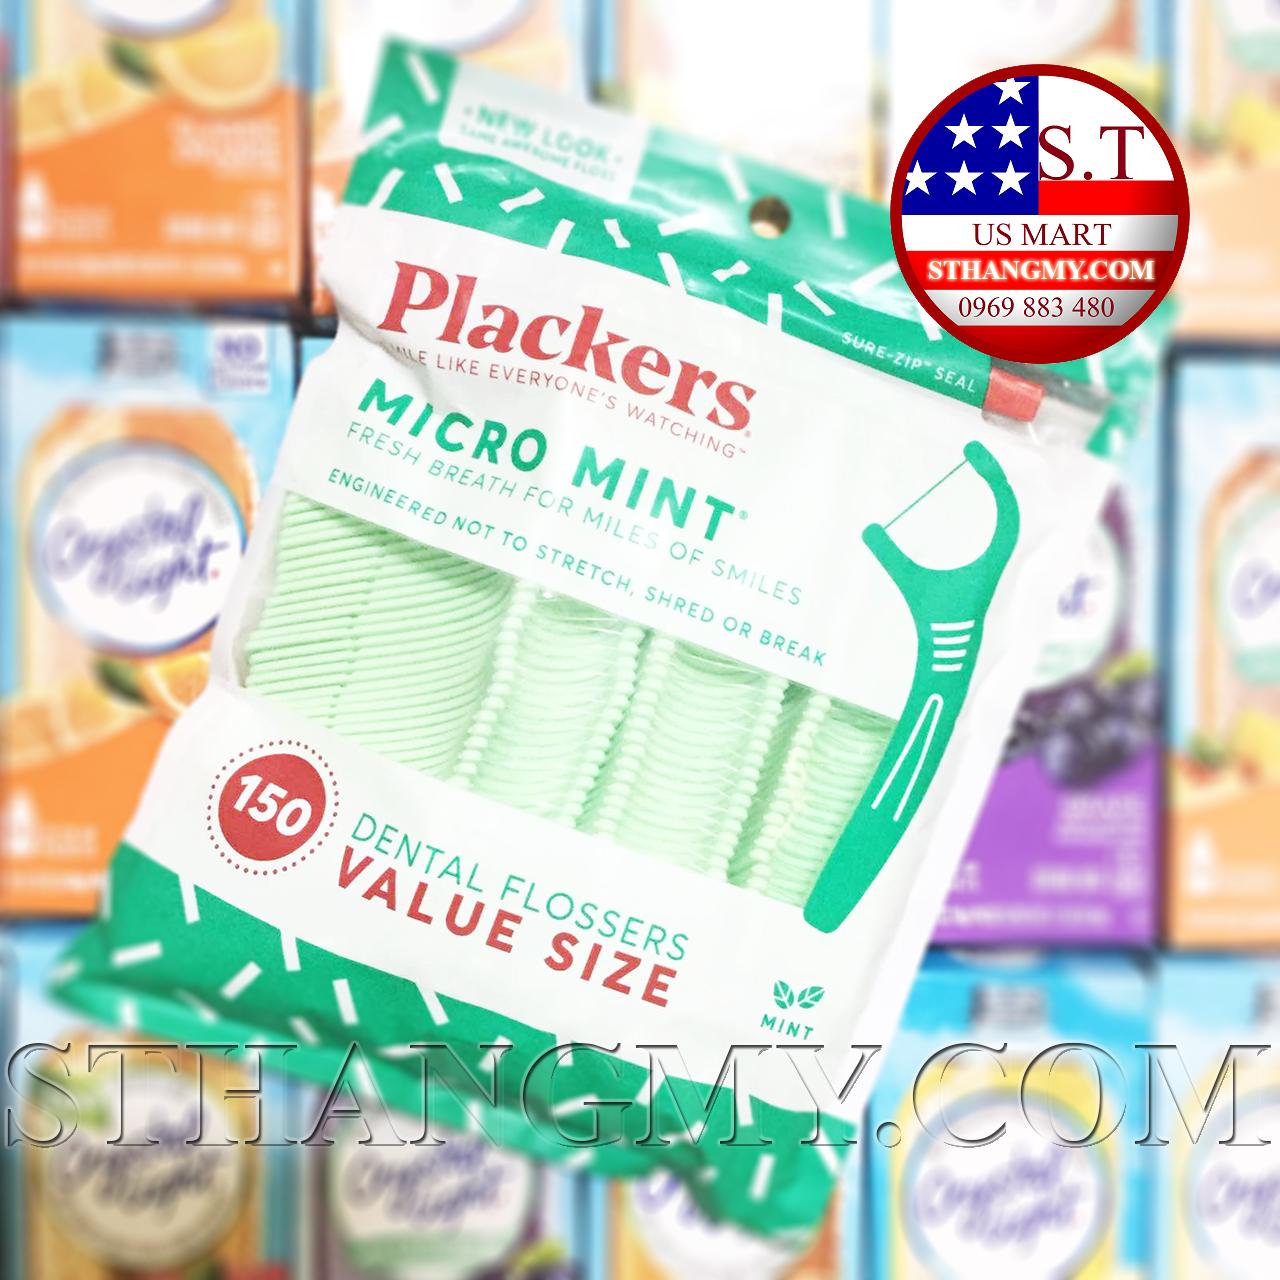 Chỉ nha khoa làm sạch chân răng Plackers Micro Mint 150 cây/gói